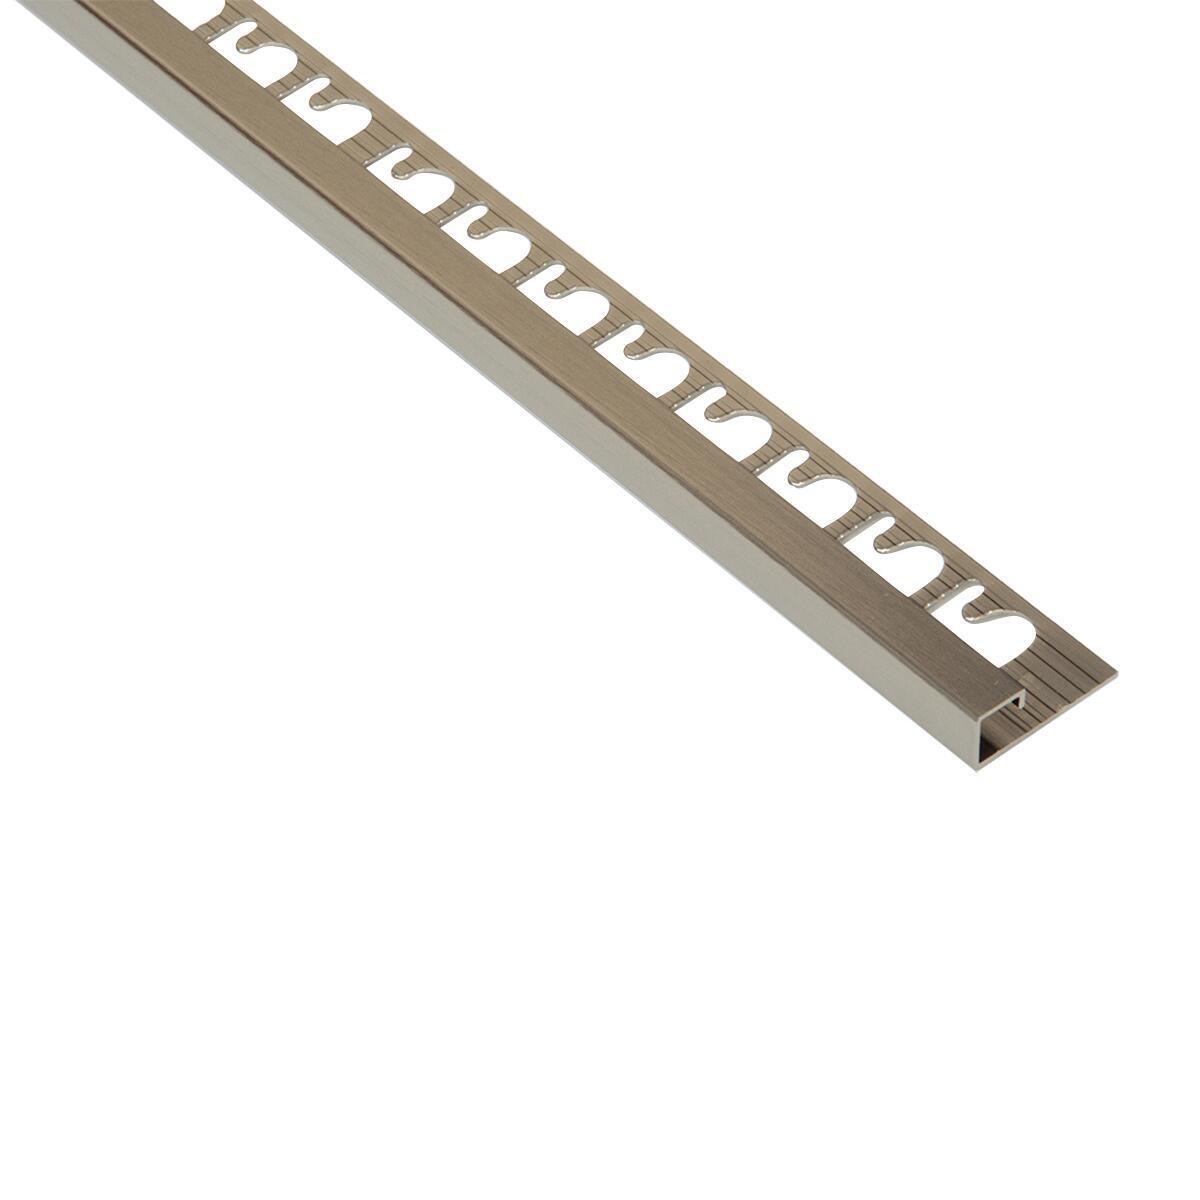 Profilo angolare interno Projolly Square All alluminio 3 x 270 cm